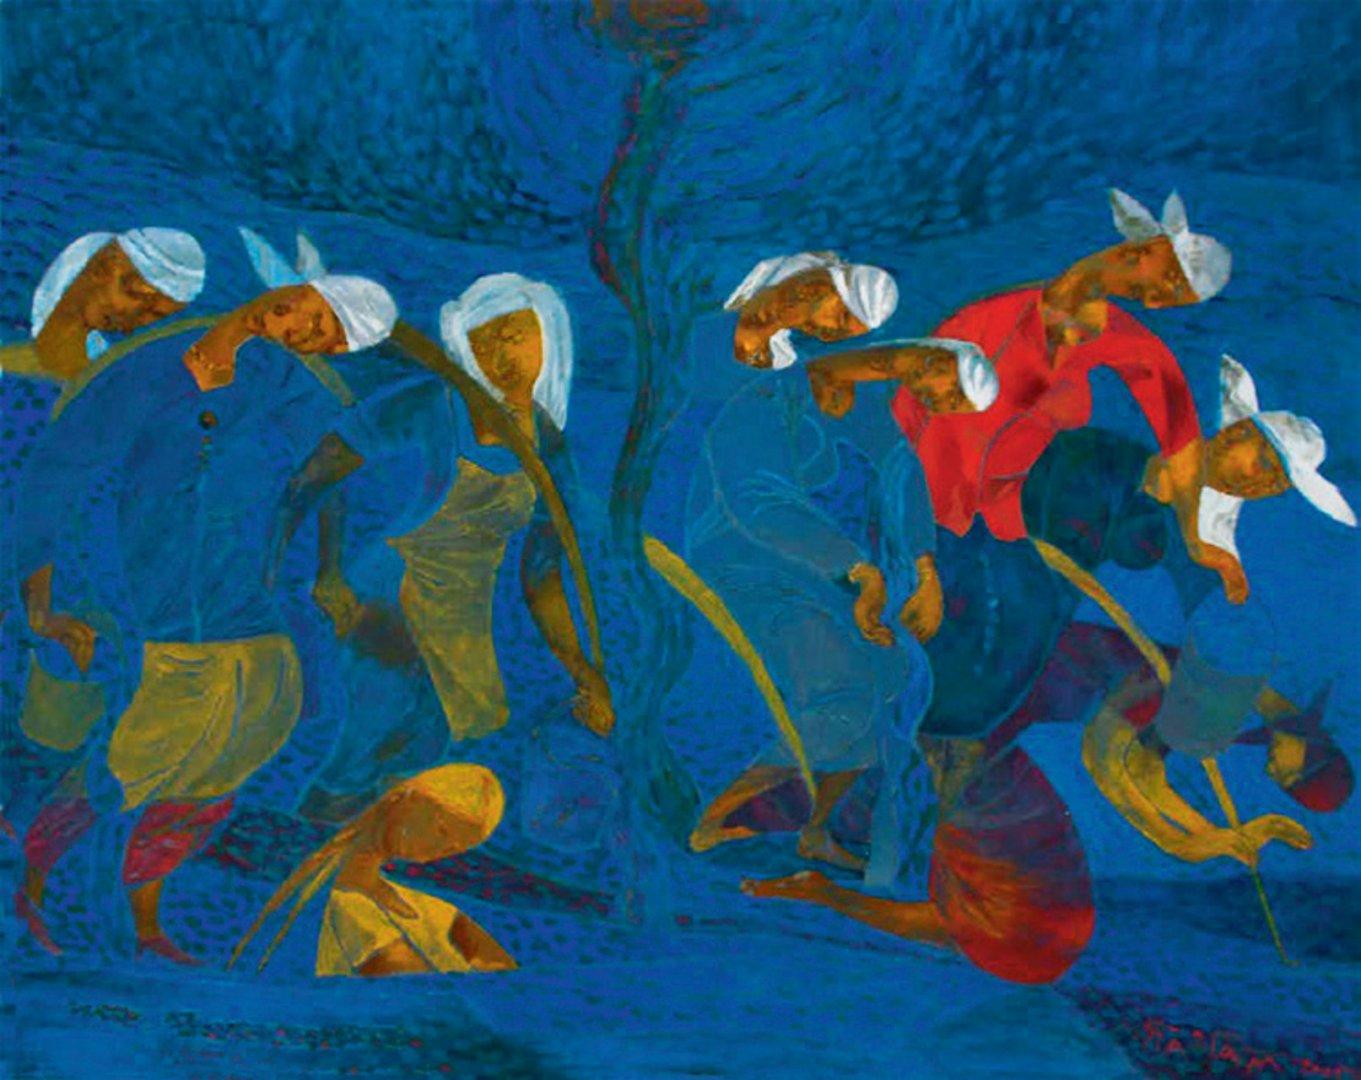 «Су юлы (Шатман)», Талгат Масалимов, 2005, оргалит, темпера